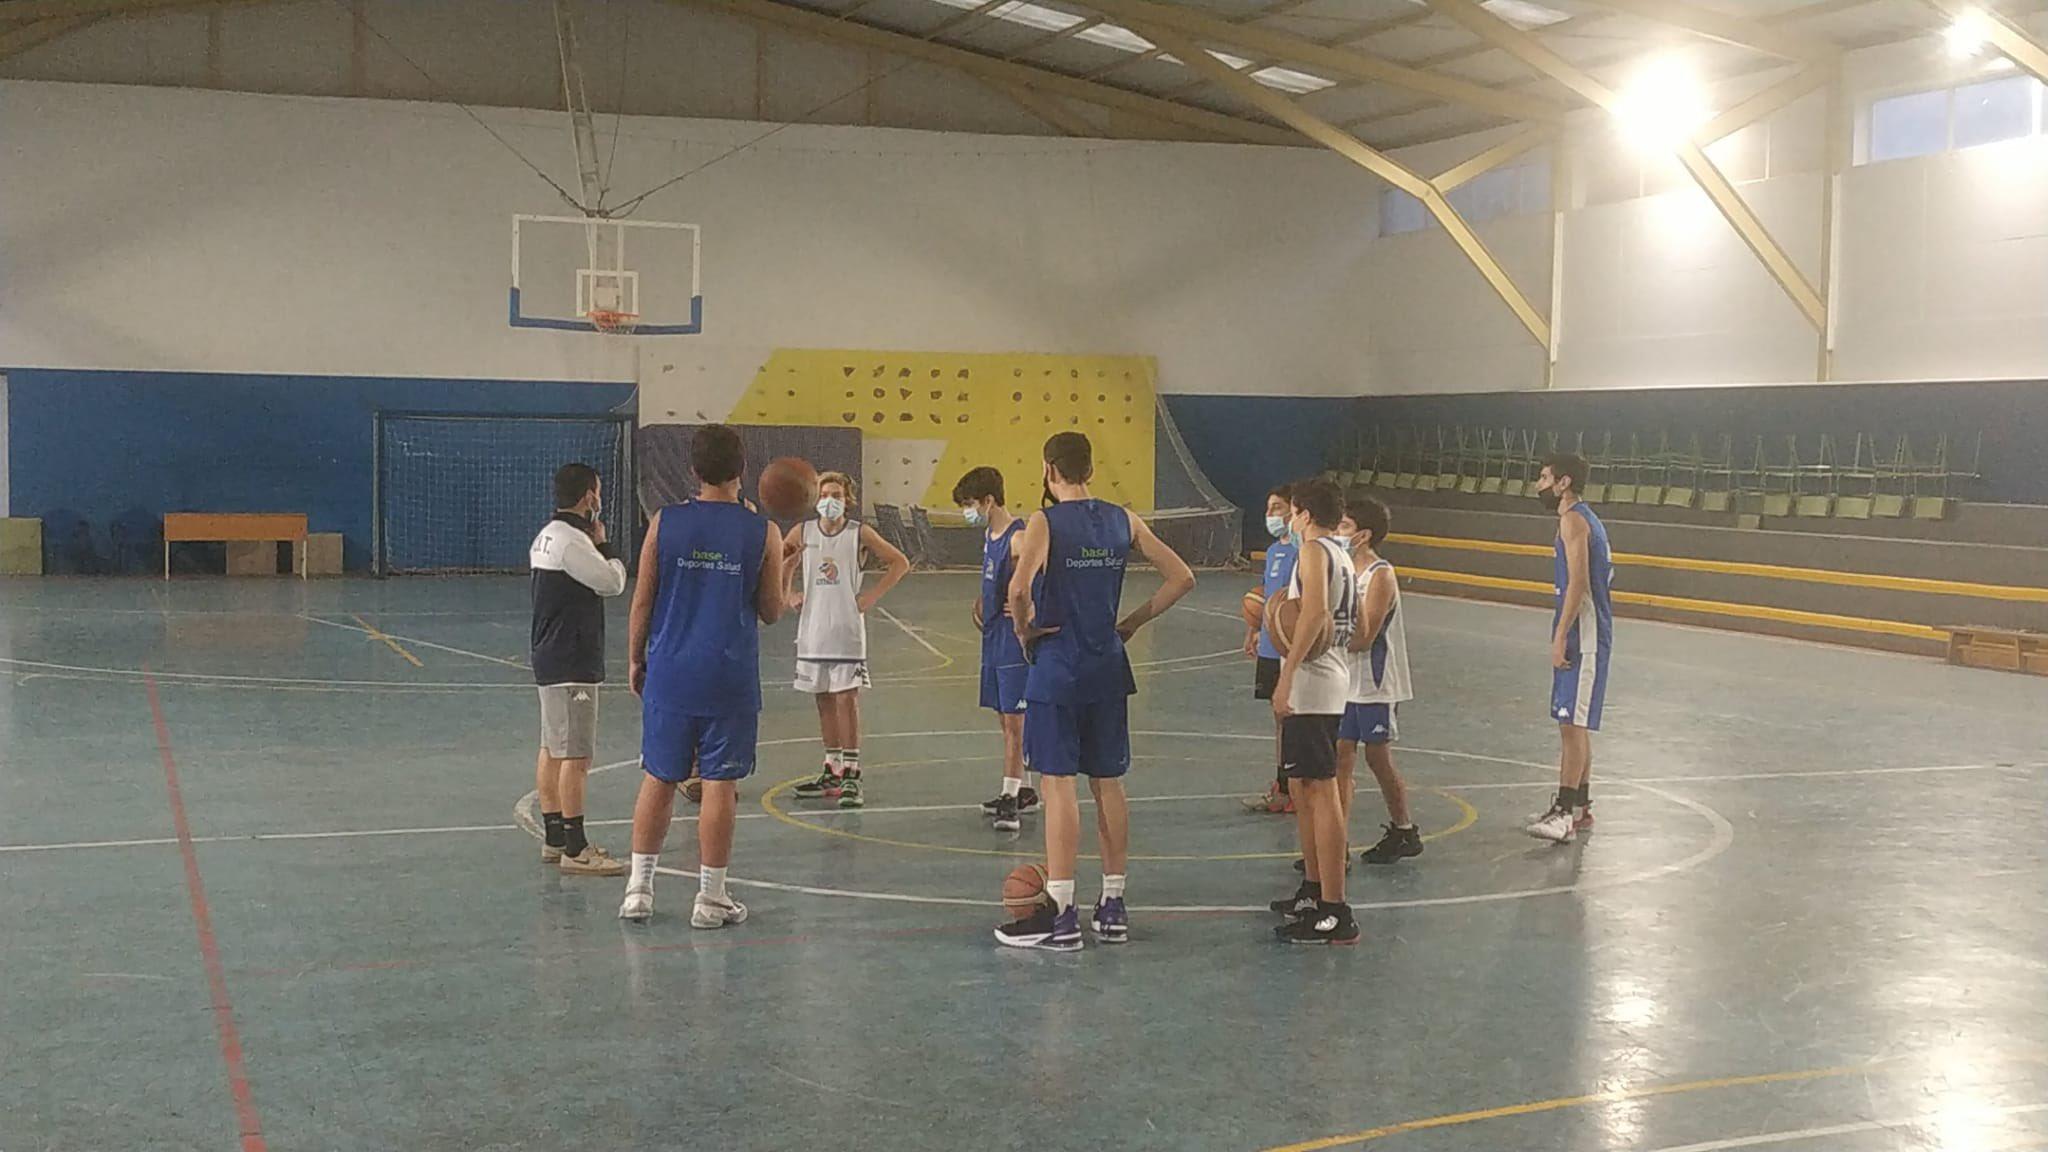 El Real Club Náutico de Tenerife comienza a entrenar en el I.E.S. Anaga